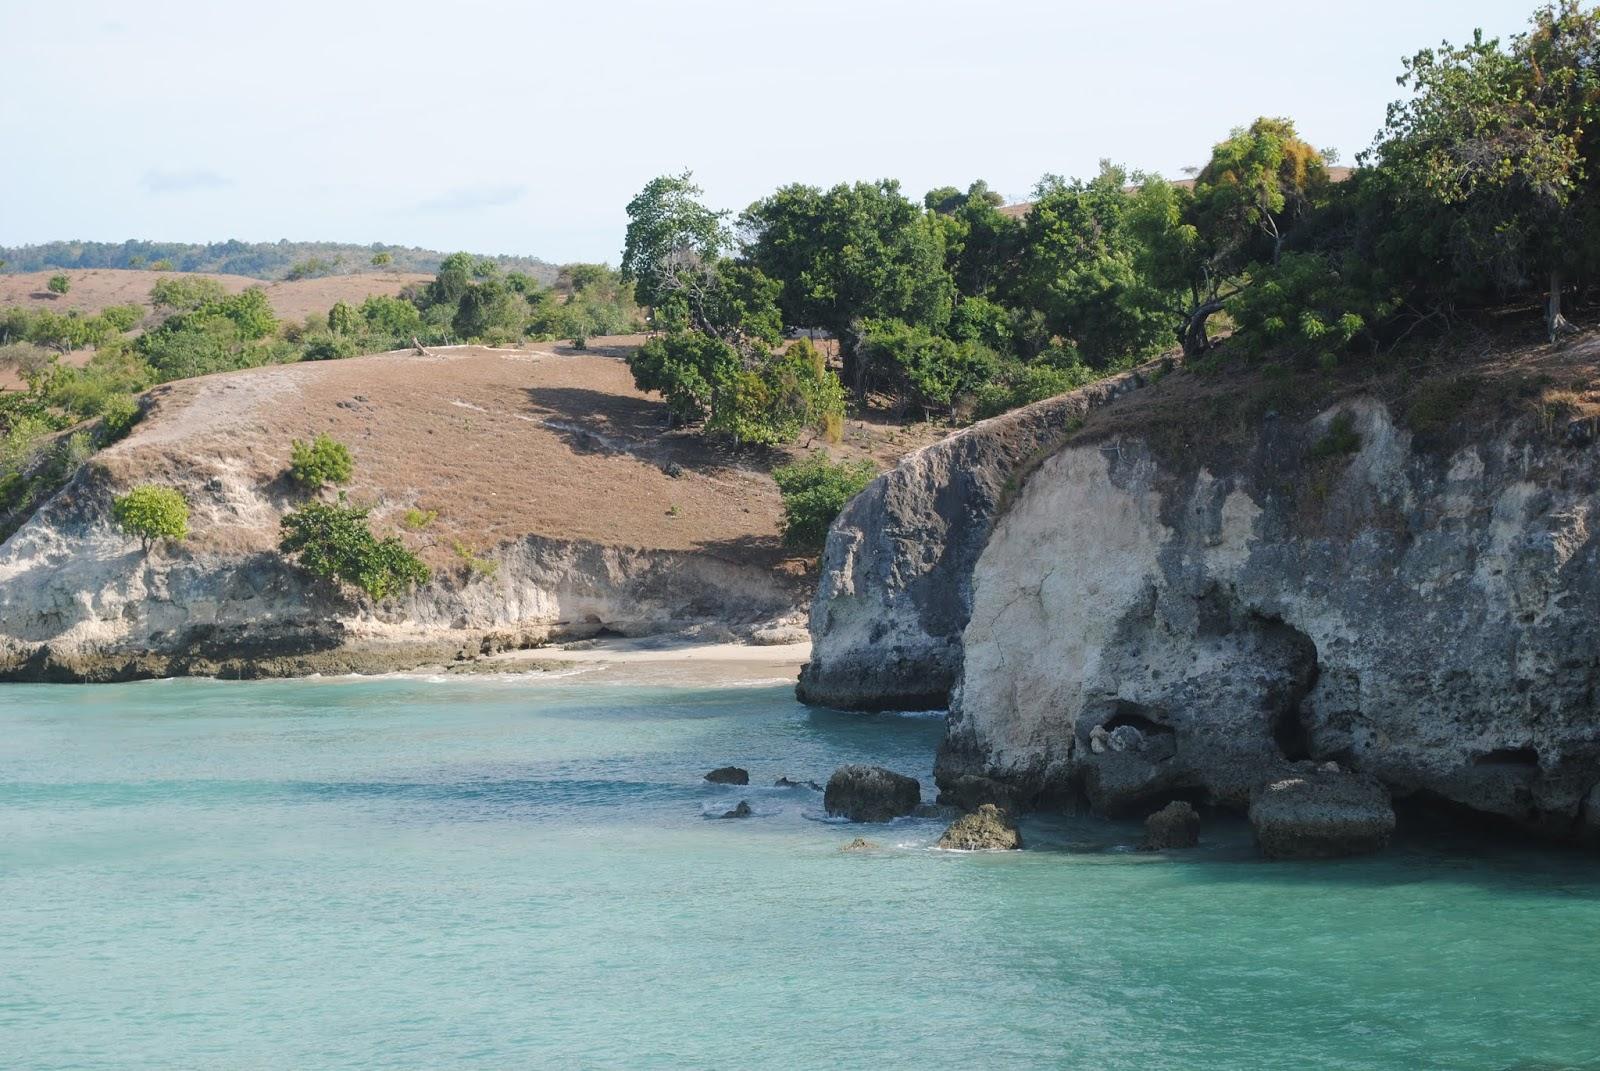 Tempat Wisata Milineal di Aceh Besar | Bukit Lamreh